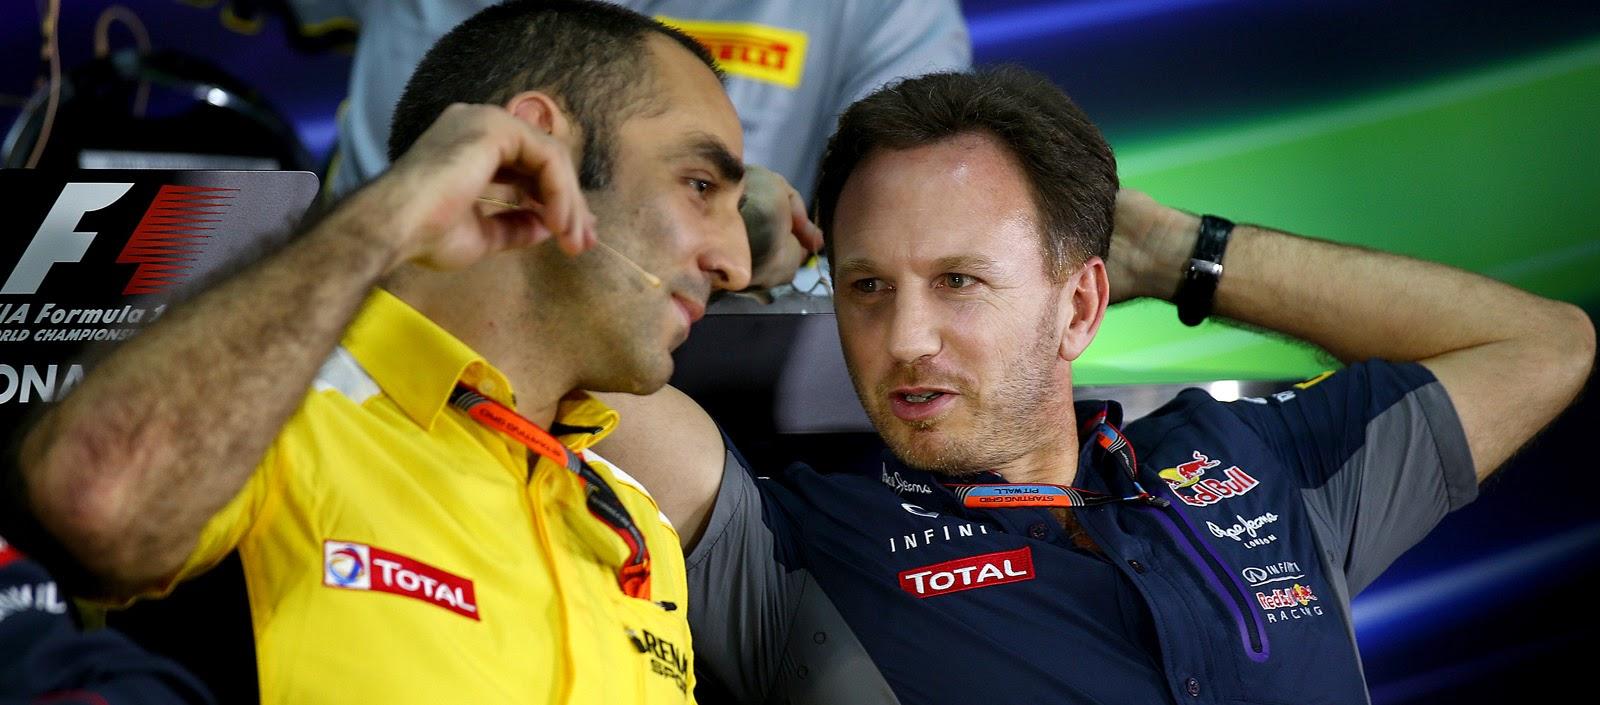 Cyril Abiteboul (Renault) y Christian Horner (Red Bull) durante la rueda de prensa FIA del viernes en el GP de Malasia